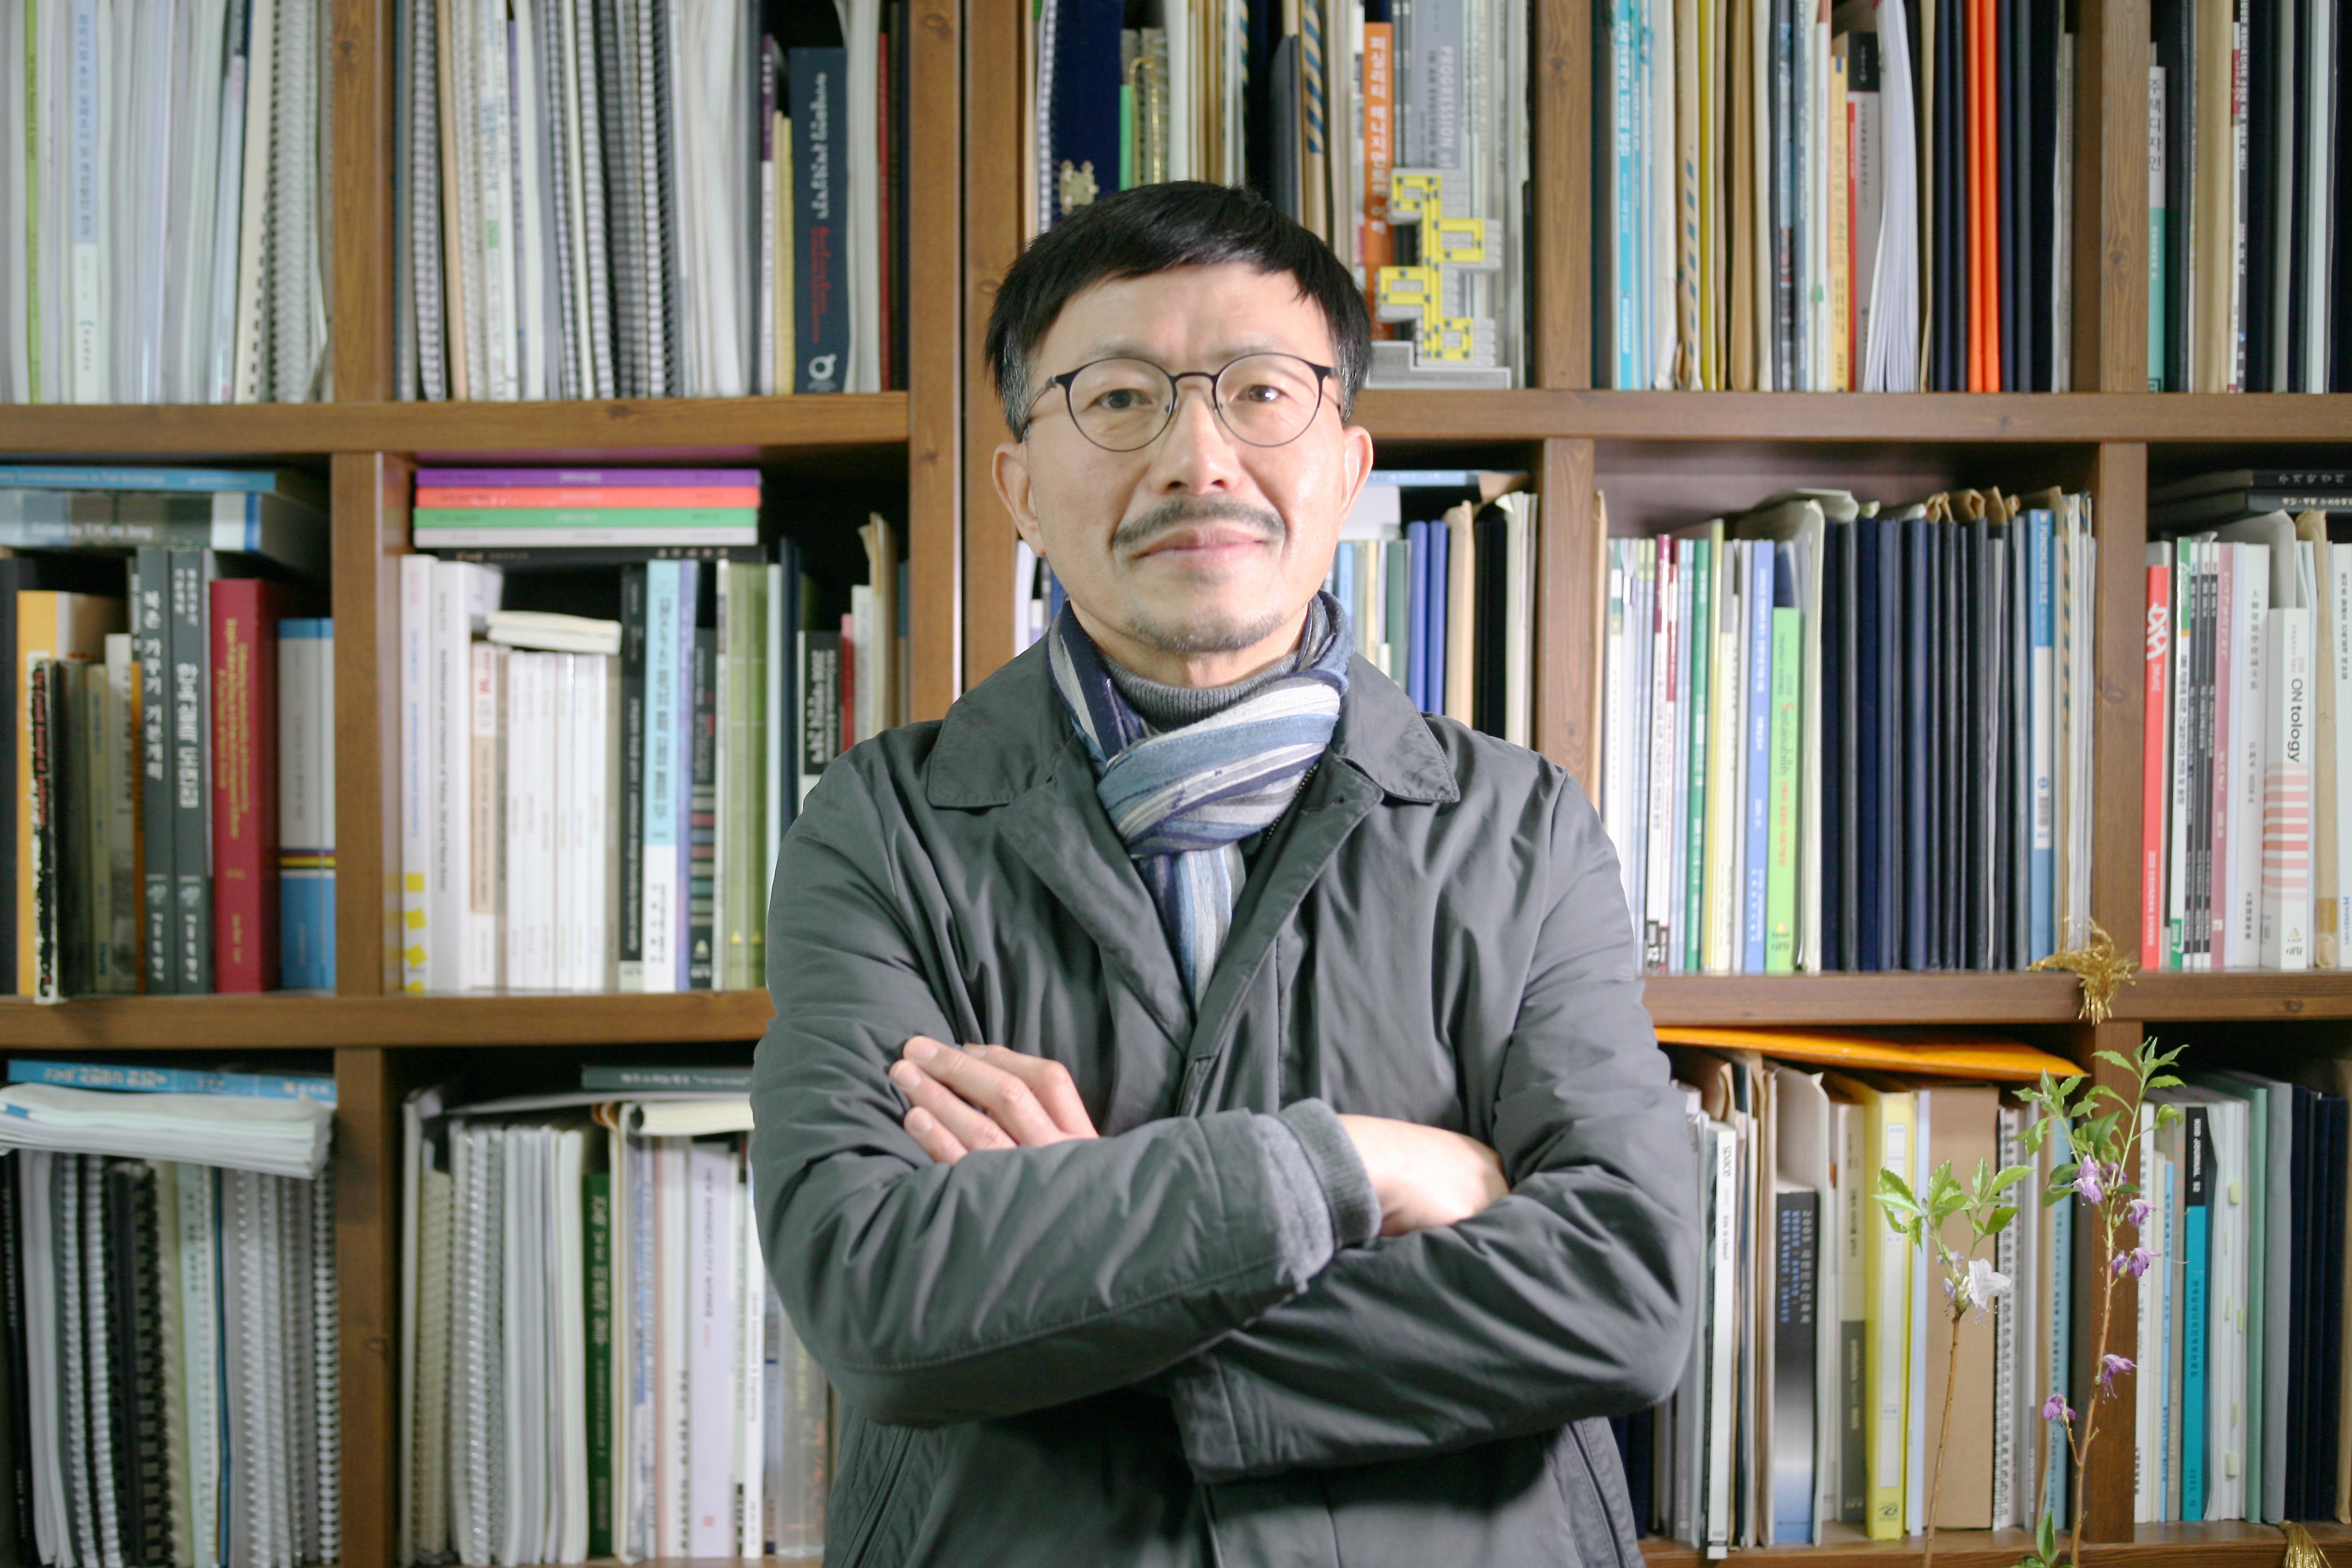 〔안정원이 만난 사람〕 이명식 동국대학교 건축공학부 교수와의 만남 2